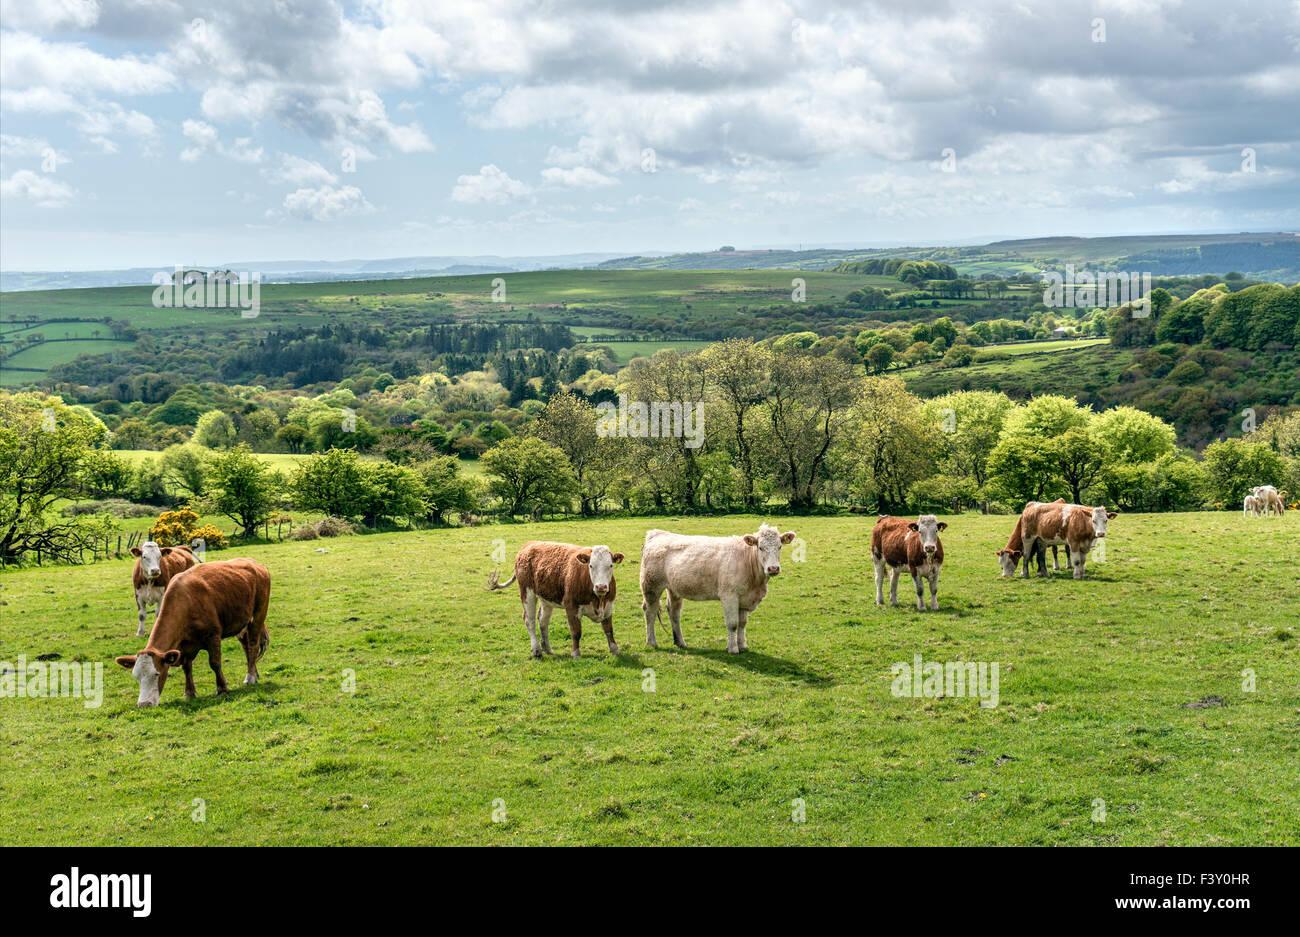 Rinder in einer Landschaft im Nationalpark Dartmoor, Devon, England, UK | Kuehe in Landschaft Im Nationalpark Dartmoor, Stockbild